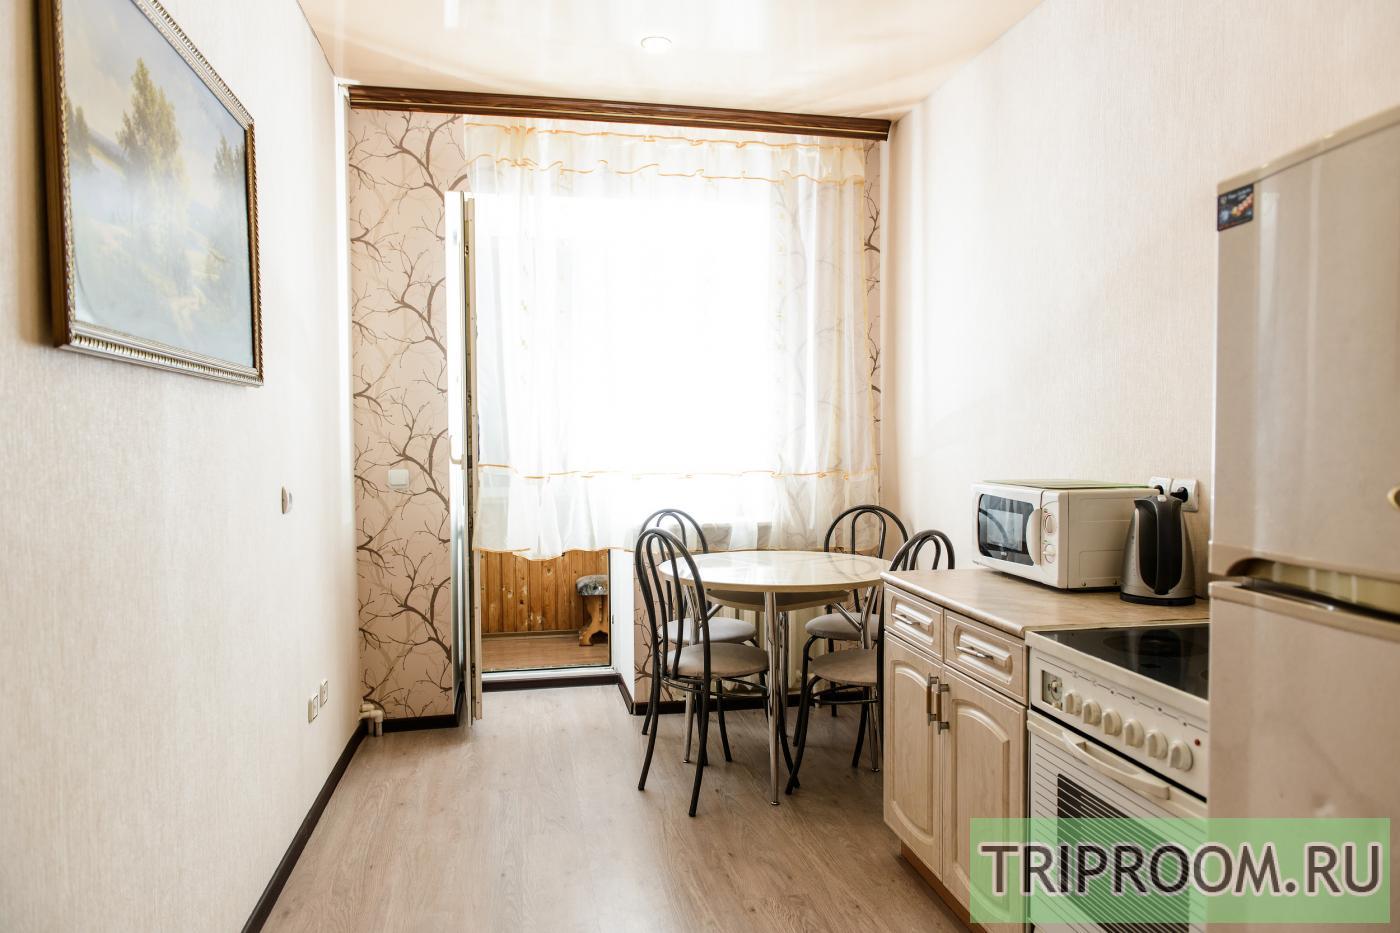 2-комнатная квартира посуточно (вариант № 15725), ул. Коммунистическая улица, фото № 3